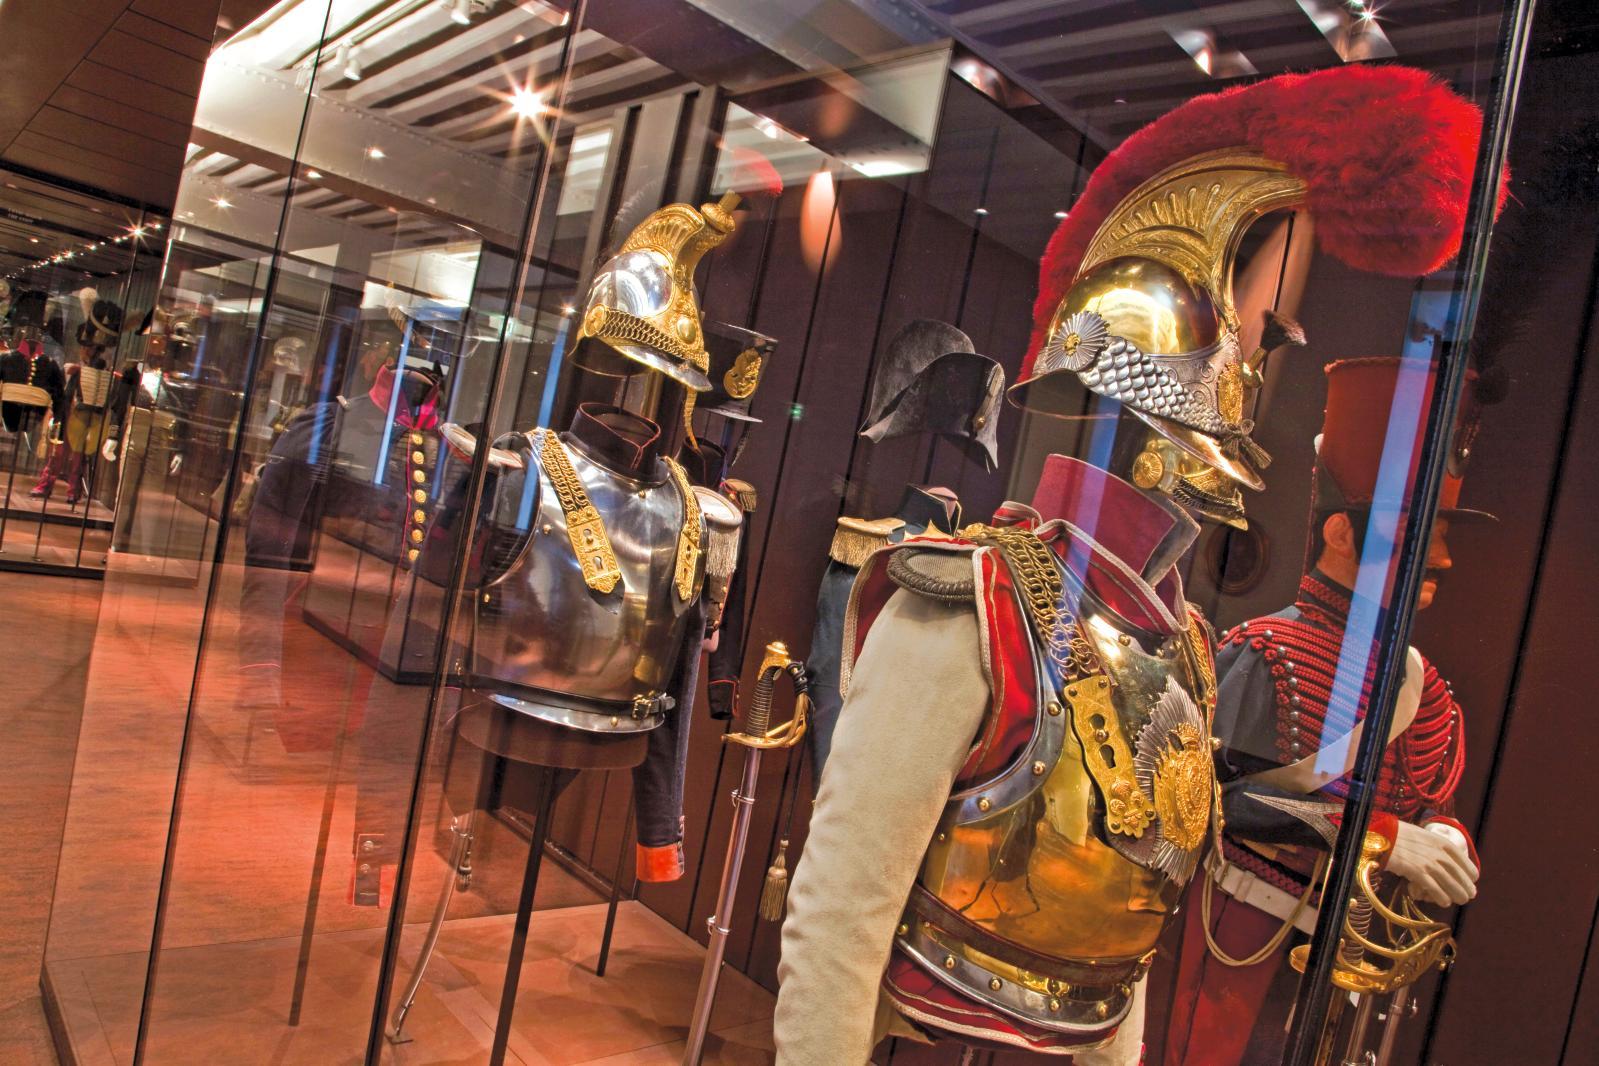 La salle Restauration-monarchie de Juillet au musée de l'Armée, Invalides.